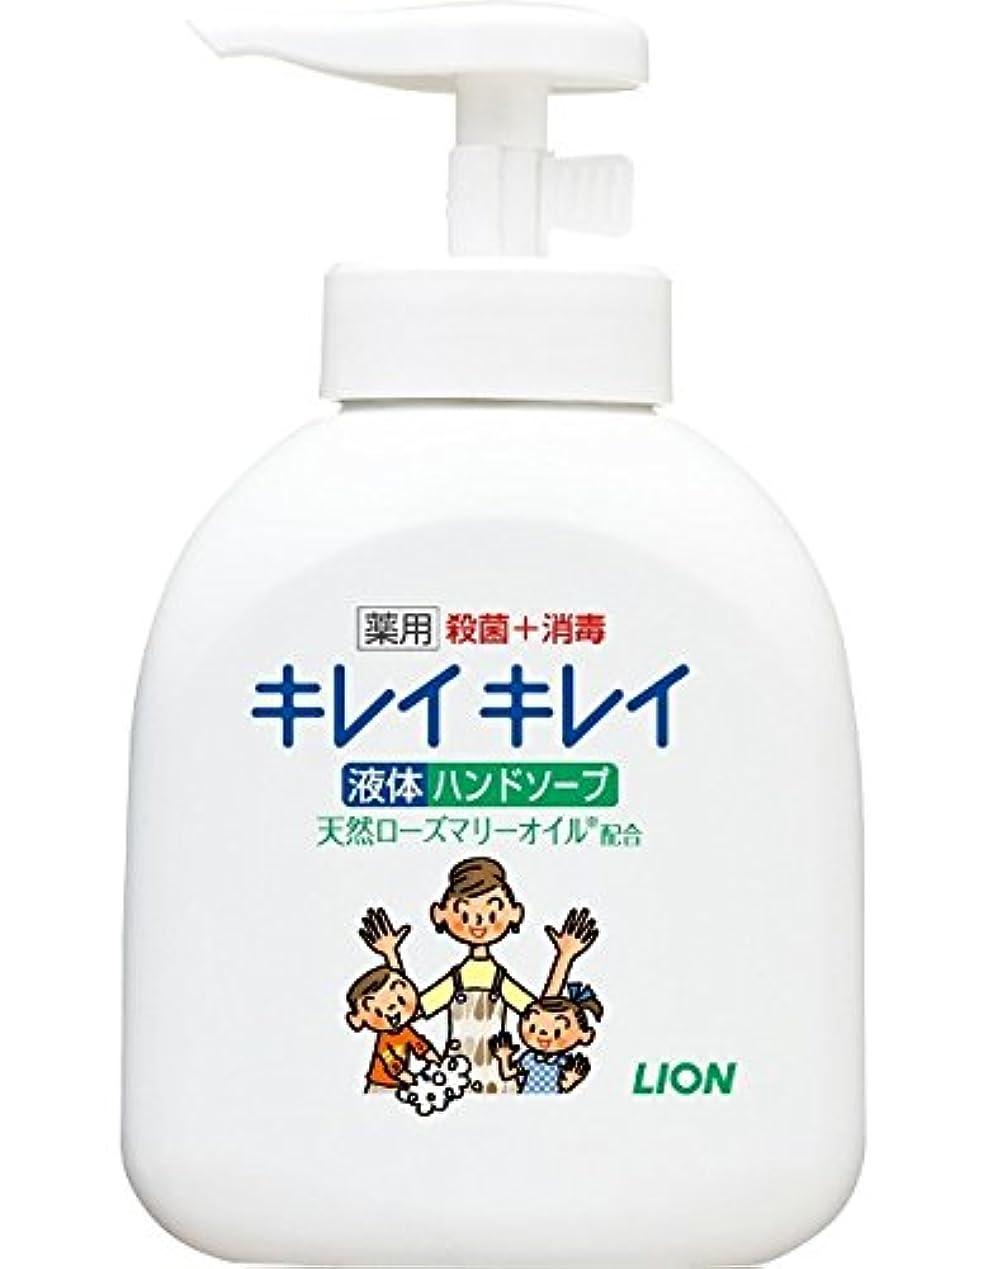 奨励します適切なかなりのキレイキレイ 薬用 液体ハンドソープ 本体ポンプ 250ml(医薬部外品)